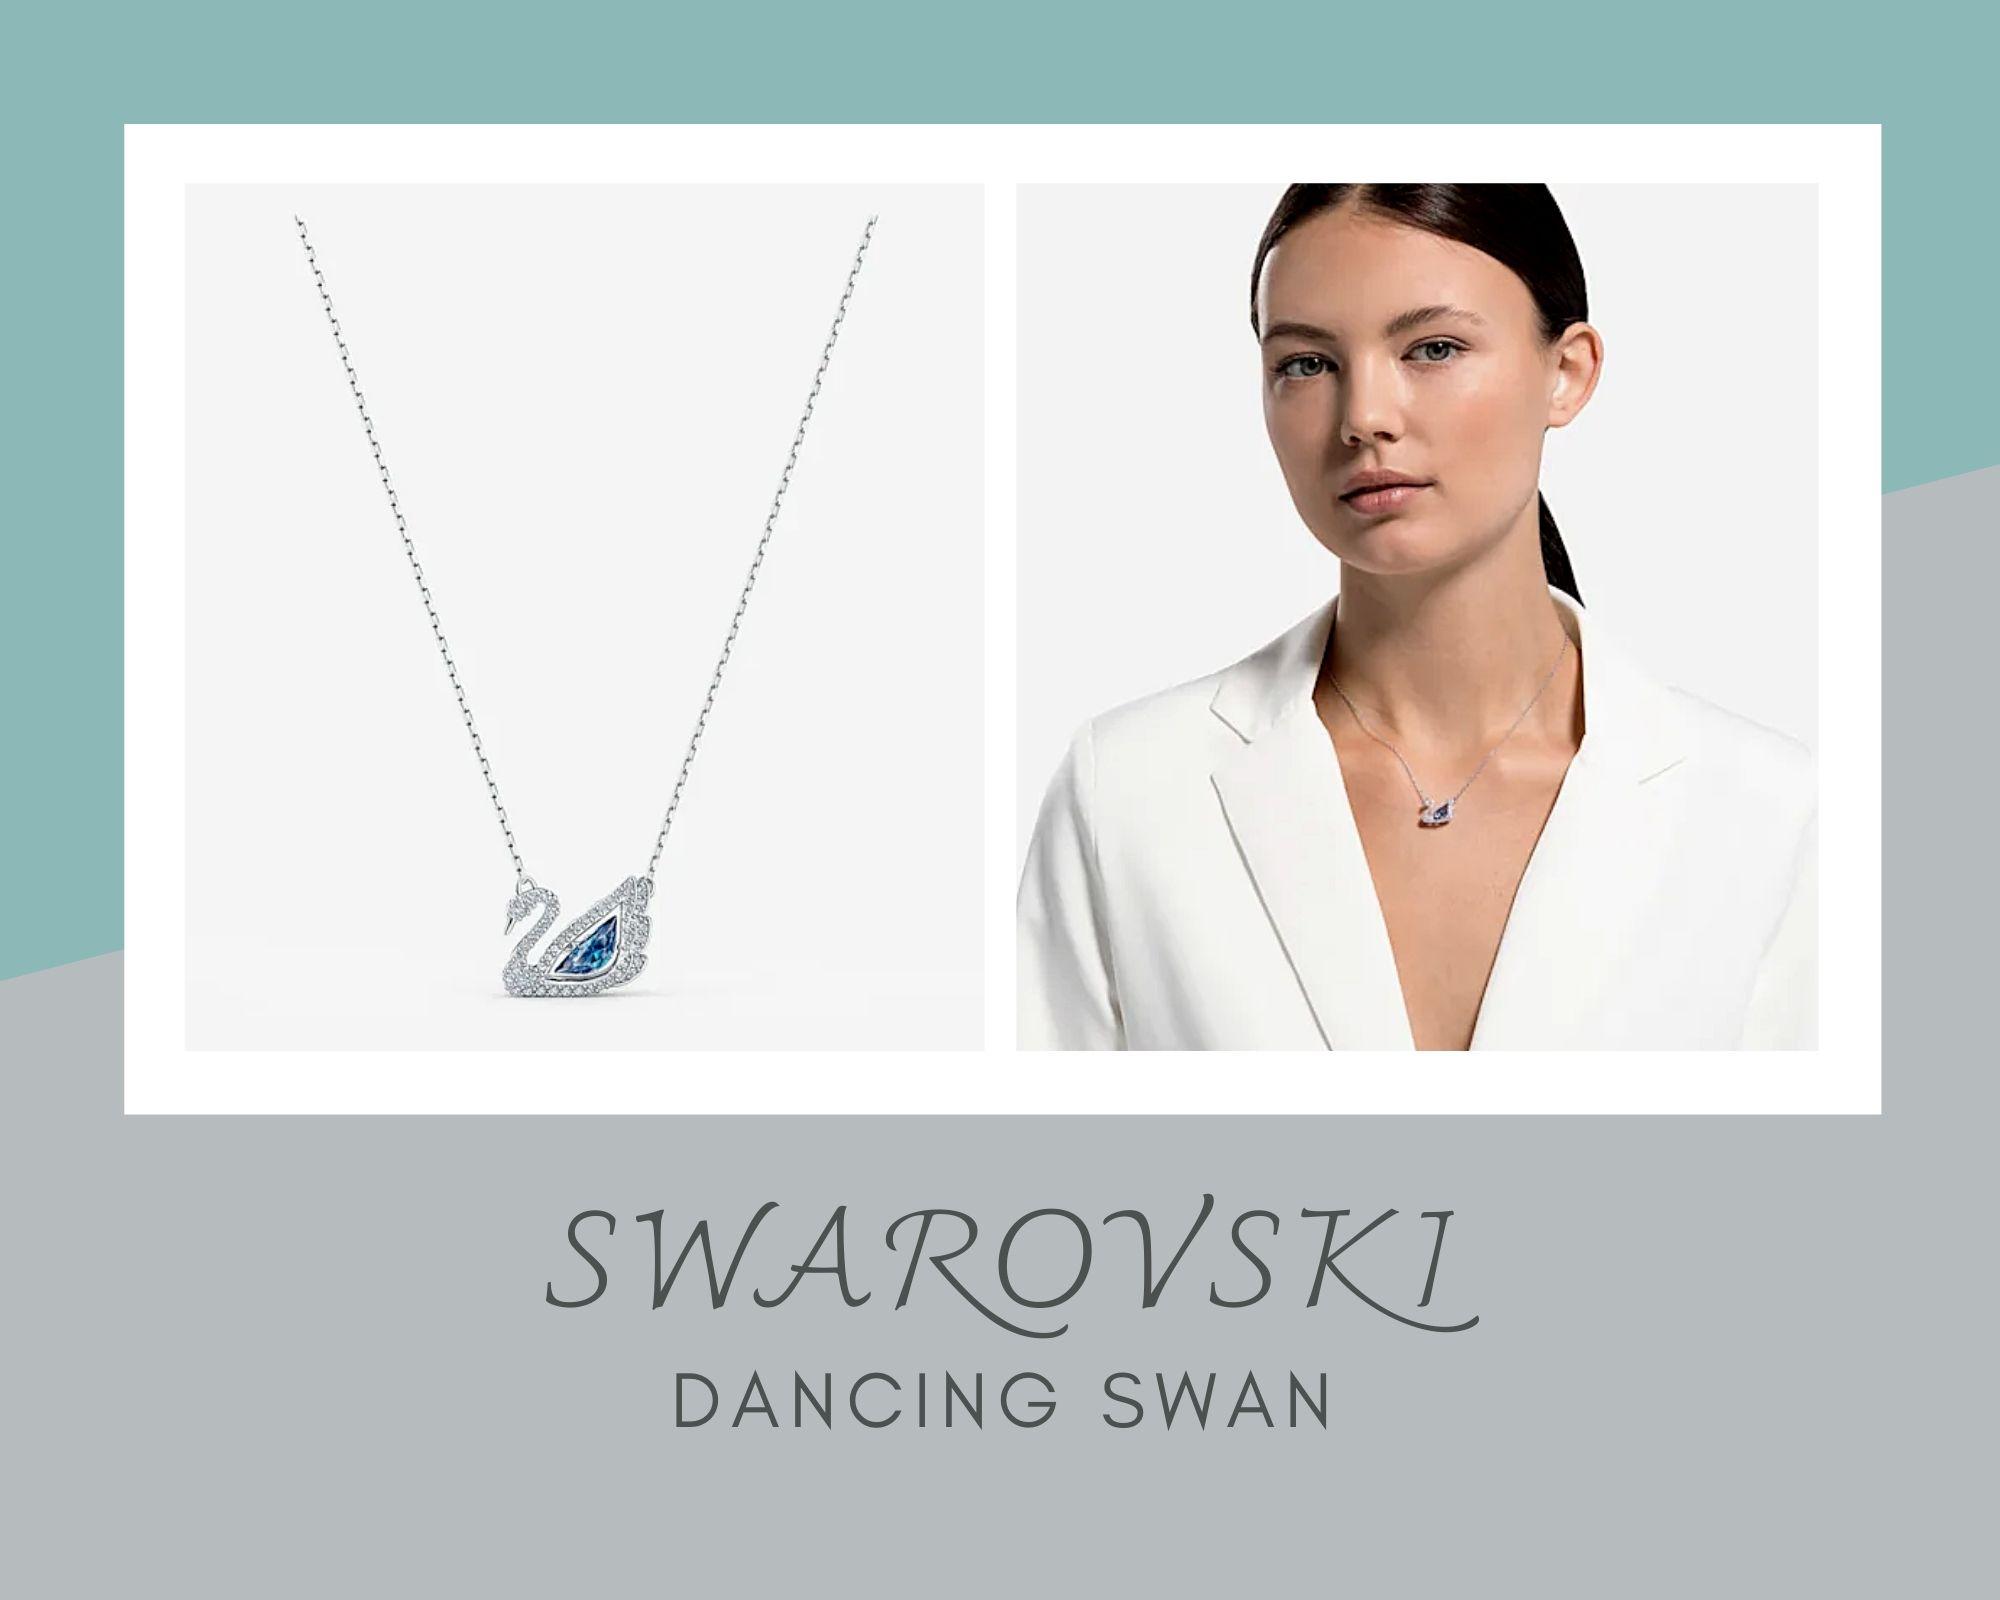 施华洛世奇DANCING SWAN天鹅项链